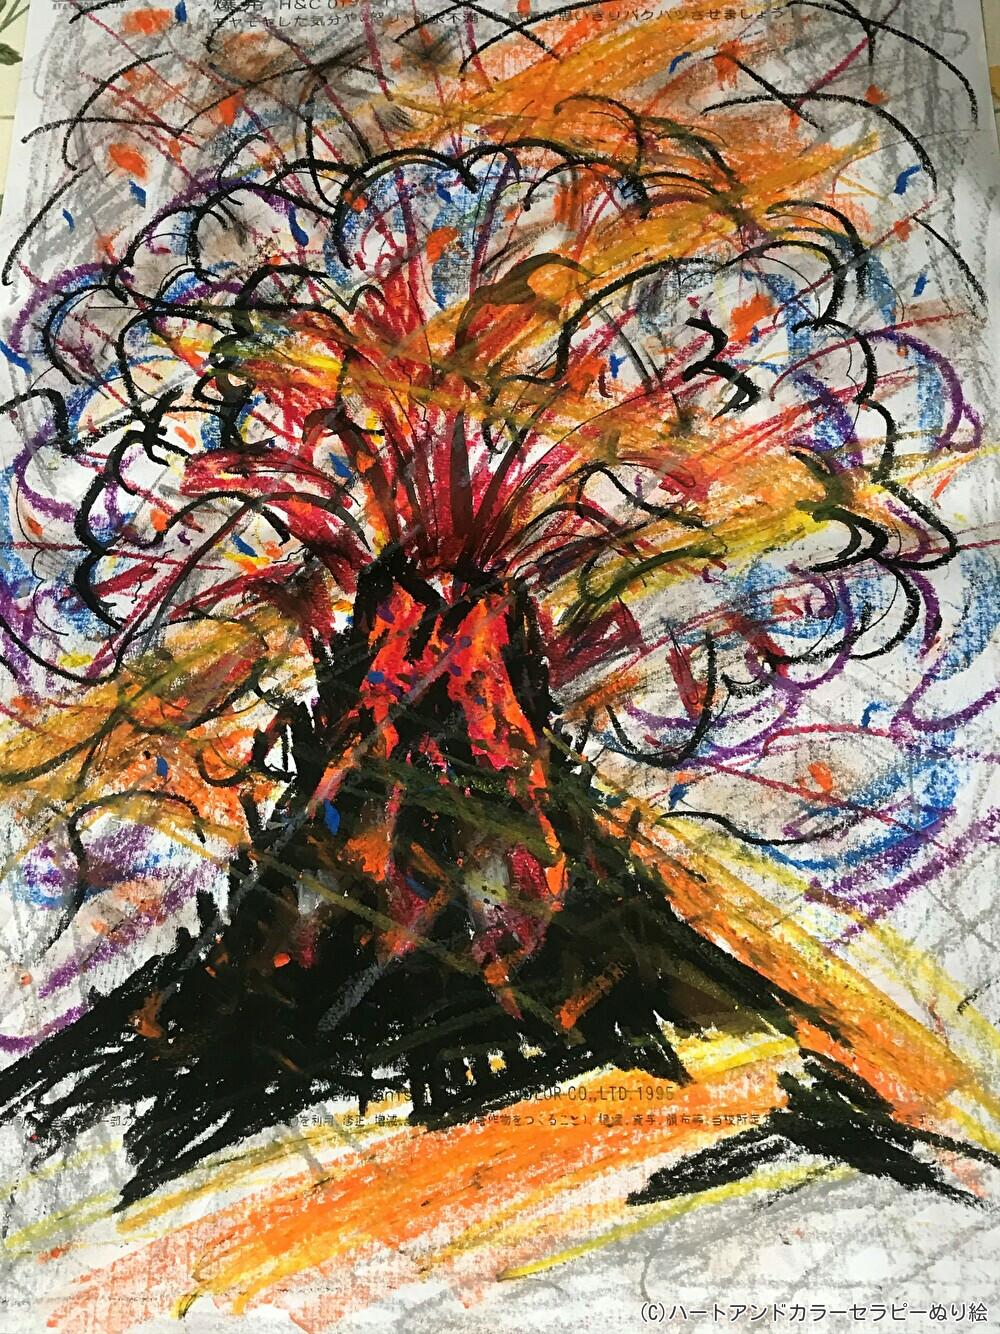 塗り絵アートセラピーお客様の作品~内なるエネルギーの気づき